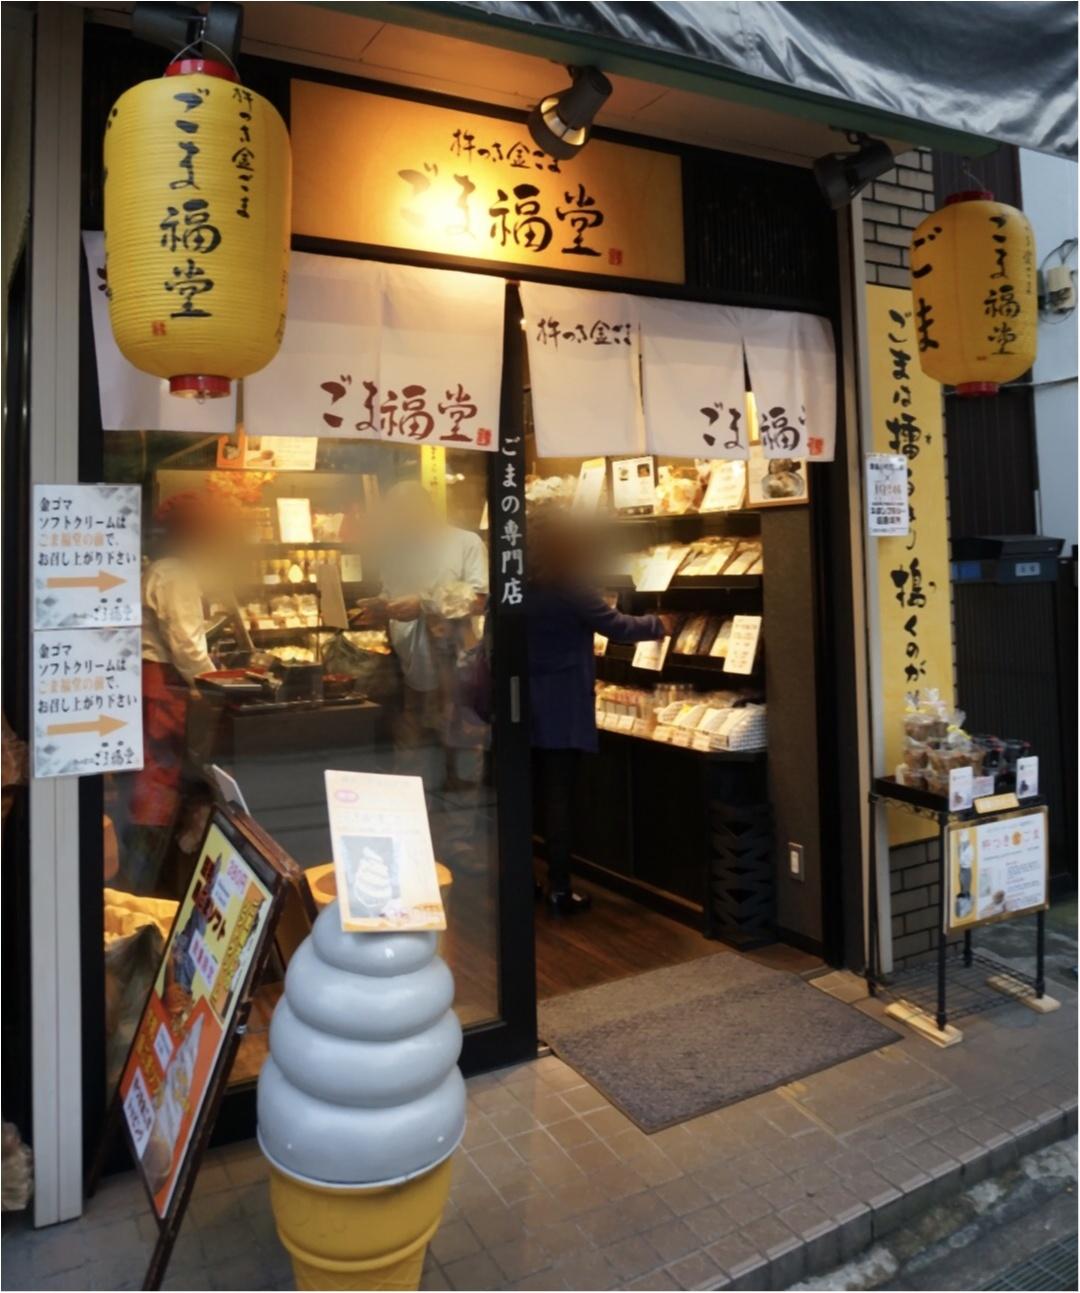 《ごまの香りに誘われて♡》鎌倉小町通りを散策中に見つけた珍しいごま専門店【ごま福堂】で食べれるソフトクリームがやばい( ´艸`)‼︎_1